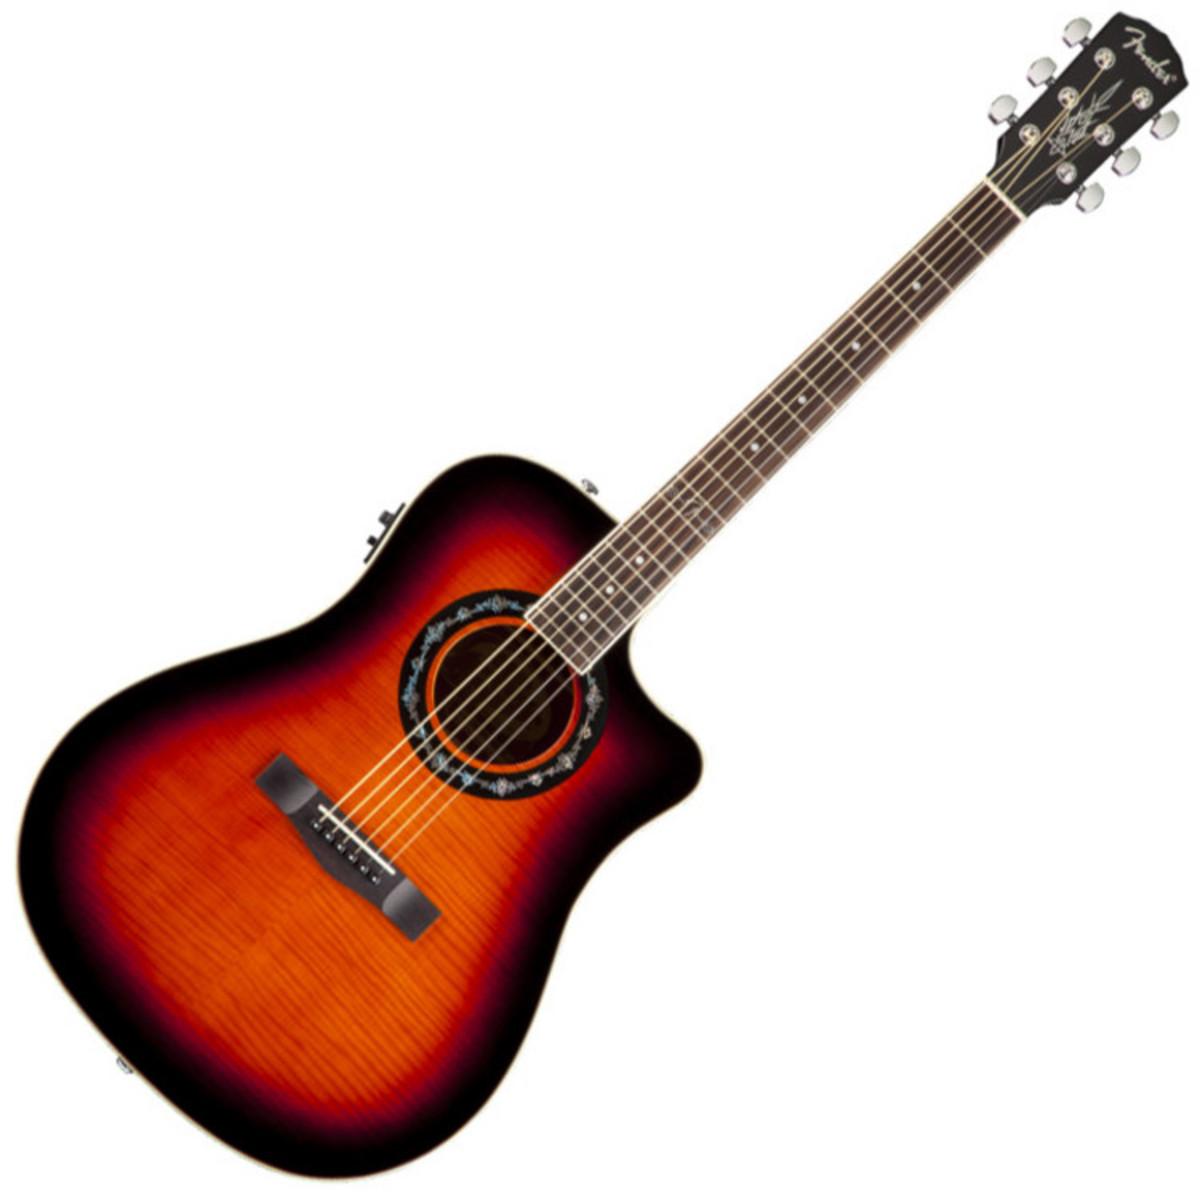 fender t bucket 300 ce electro acoustic guitar 3 color sunburst at. Black Bedroom Furniture Sets. Home Design Ideas